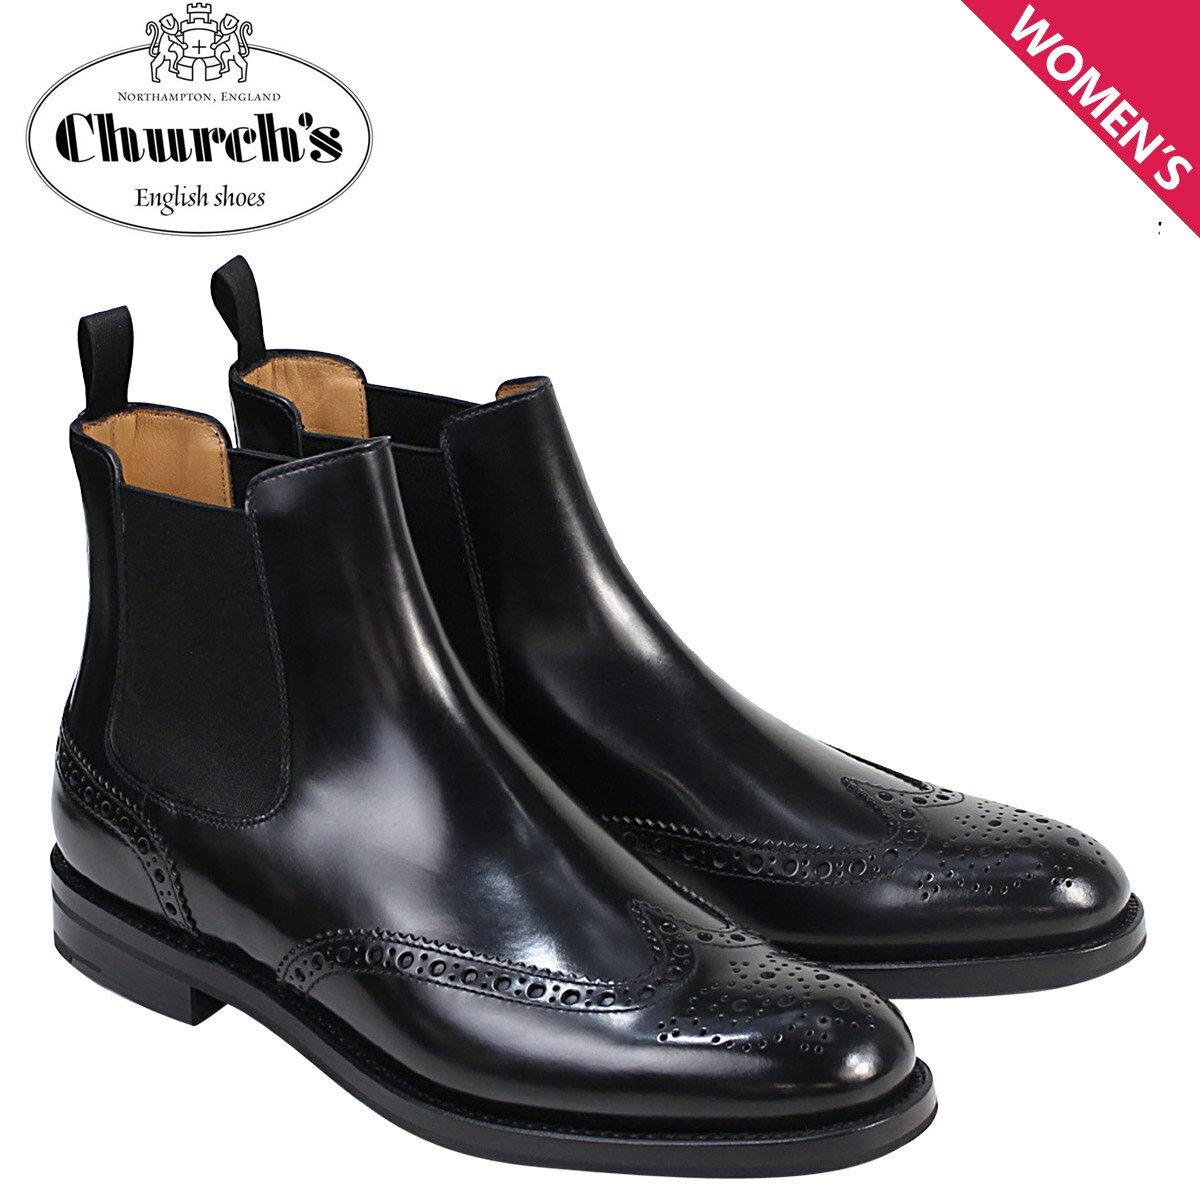 Churchs Ketsby WG Polish Binder Calf 靴 レディース チャーチ ブーツ サイドゴア ショートブーツ ウイングチップ 8706 DT0001 ブラック [12/21 再入荷]